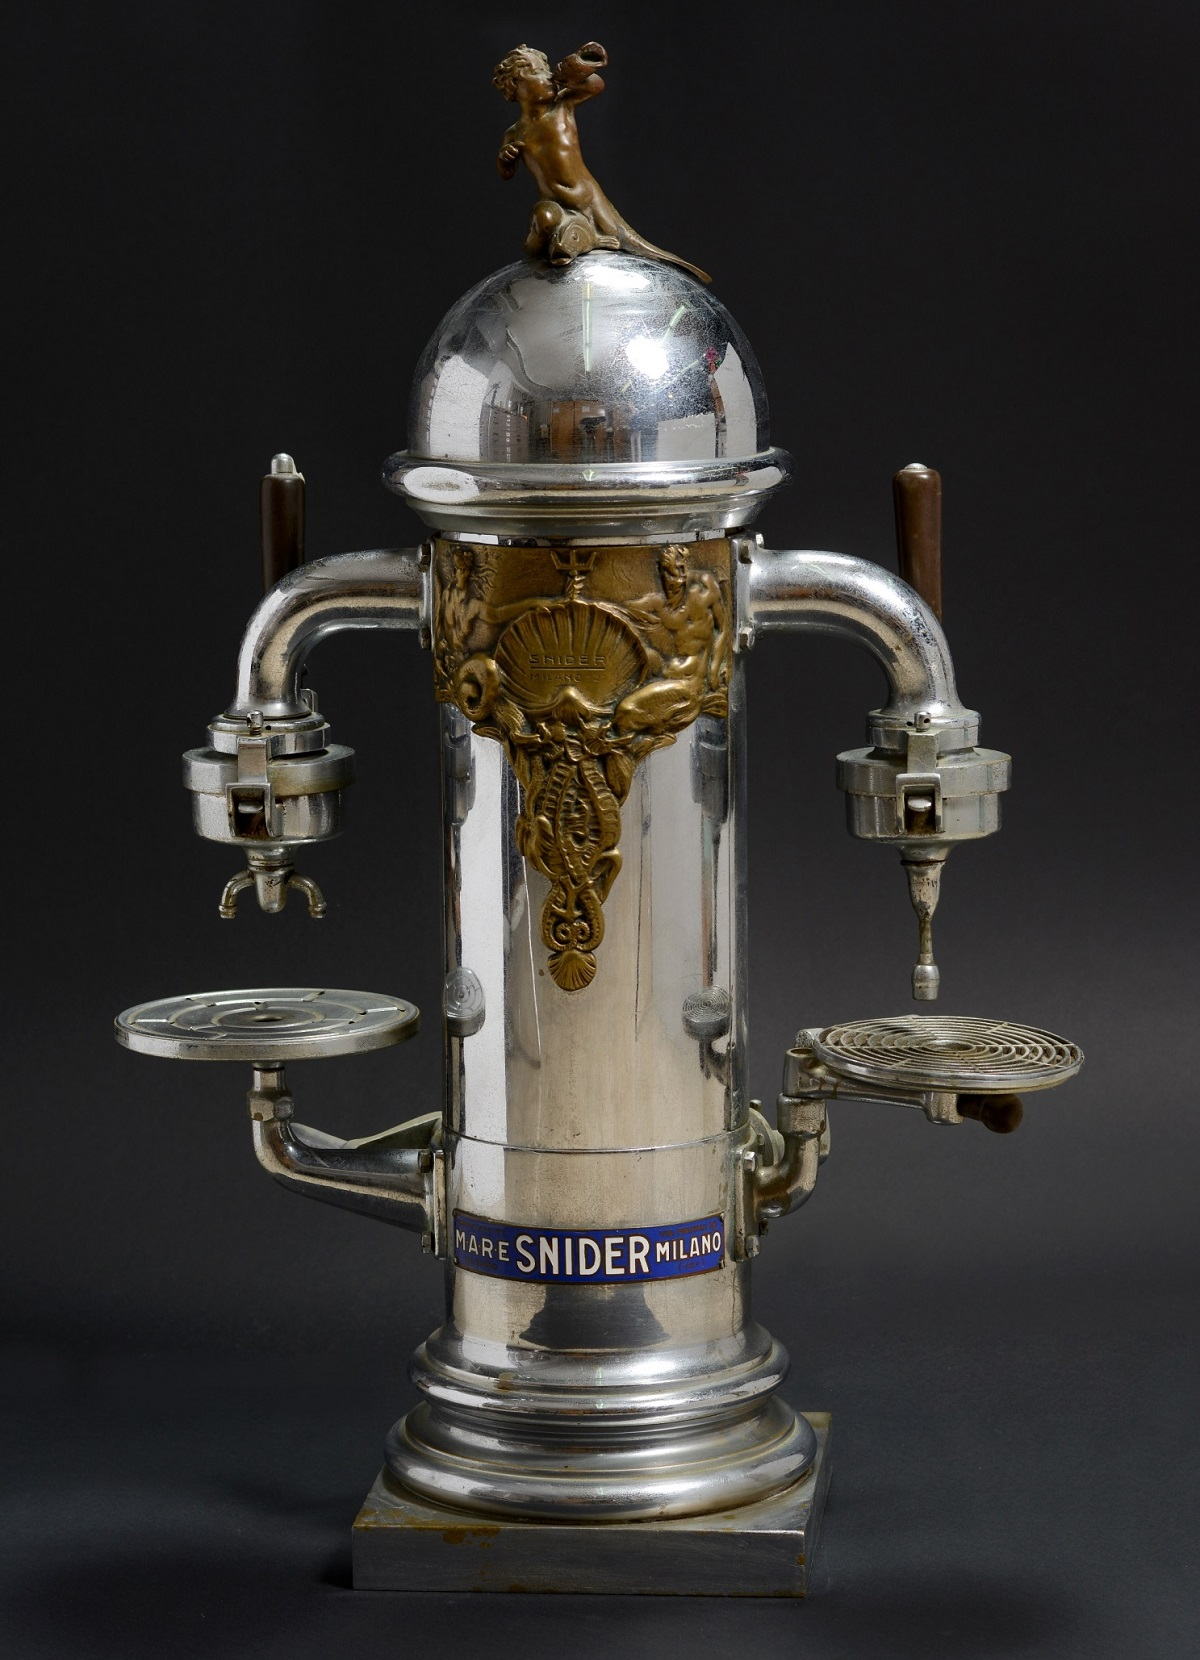 מכונת קפה Snider Milano Insuperabile מאיטליה 1920, מהאוסף של איריס ורם איבגי. צילום: שי בן אפרים